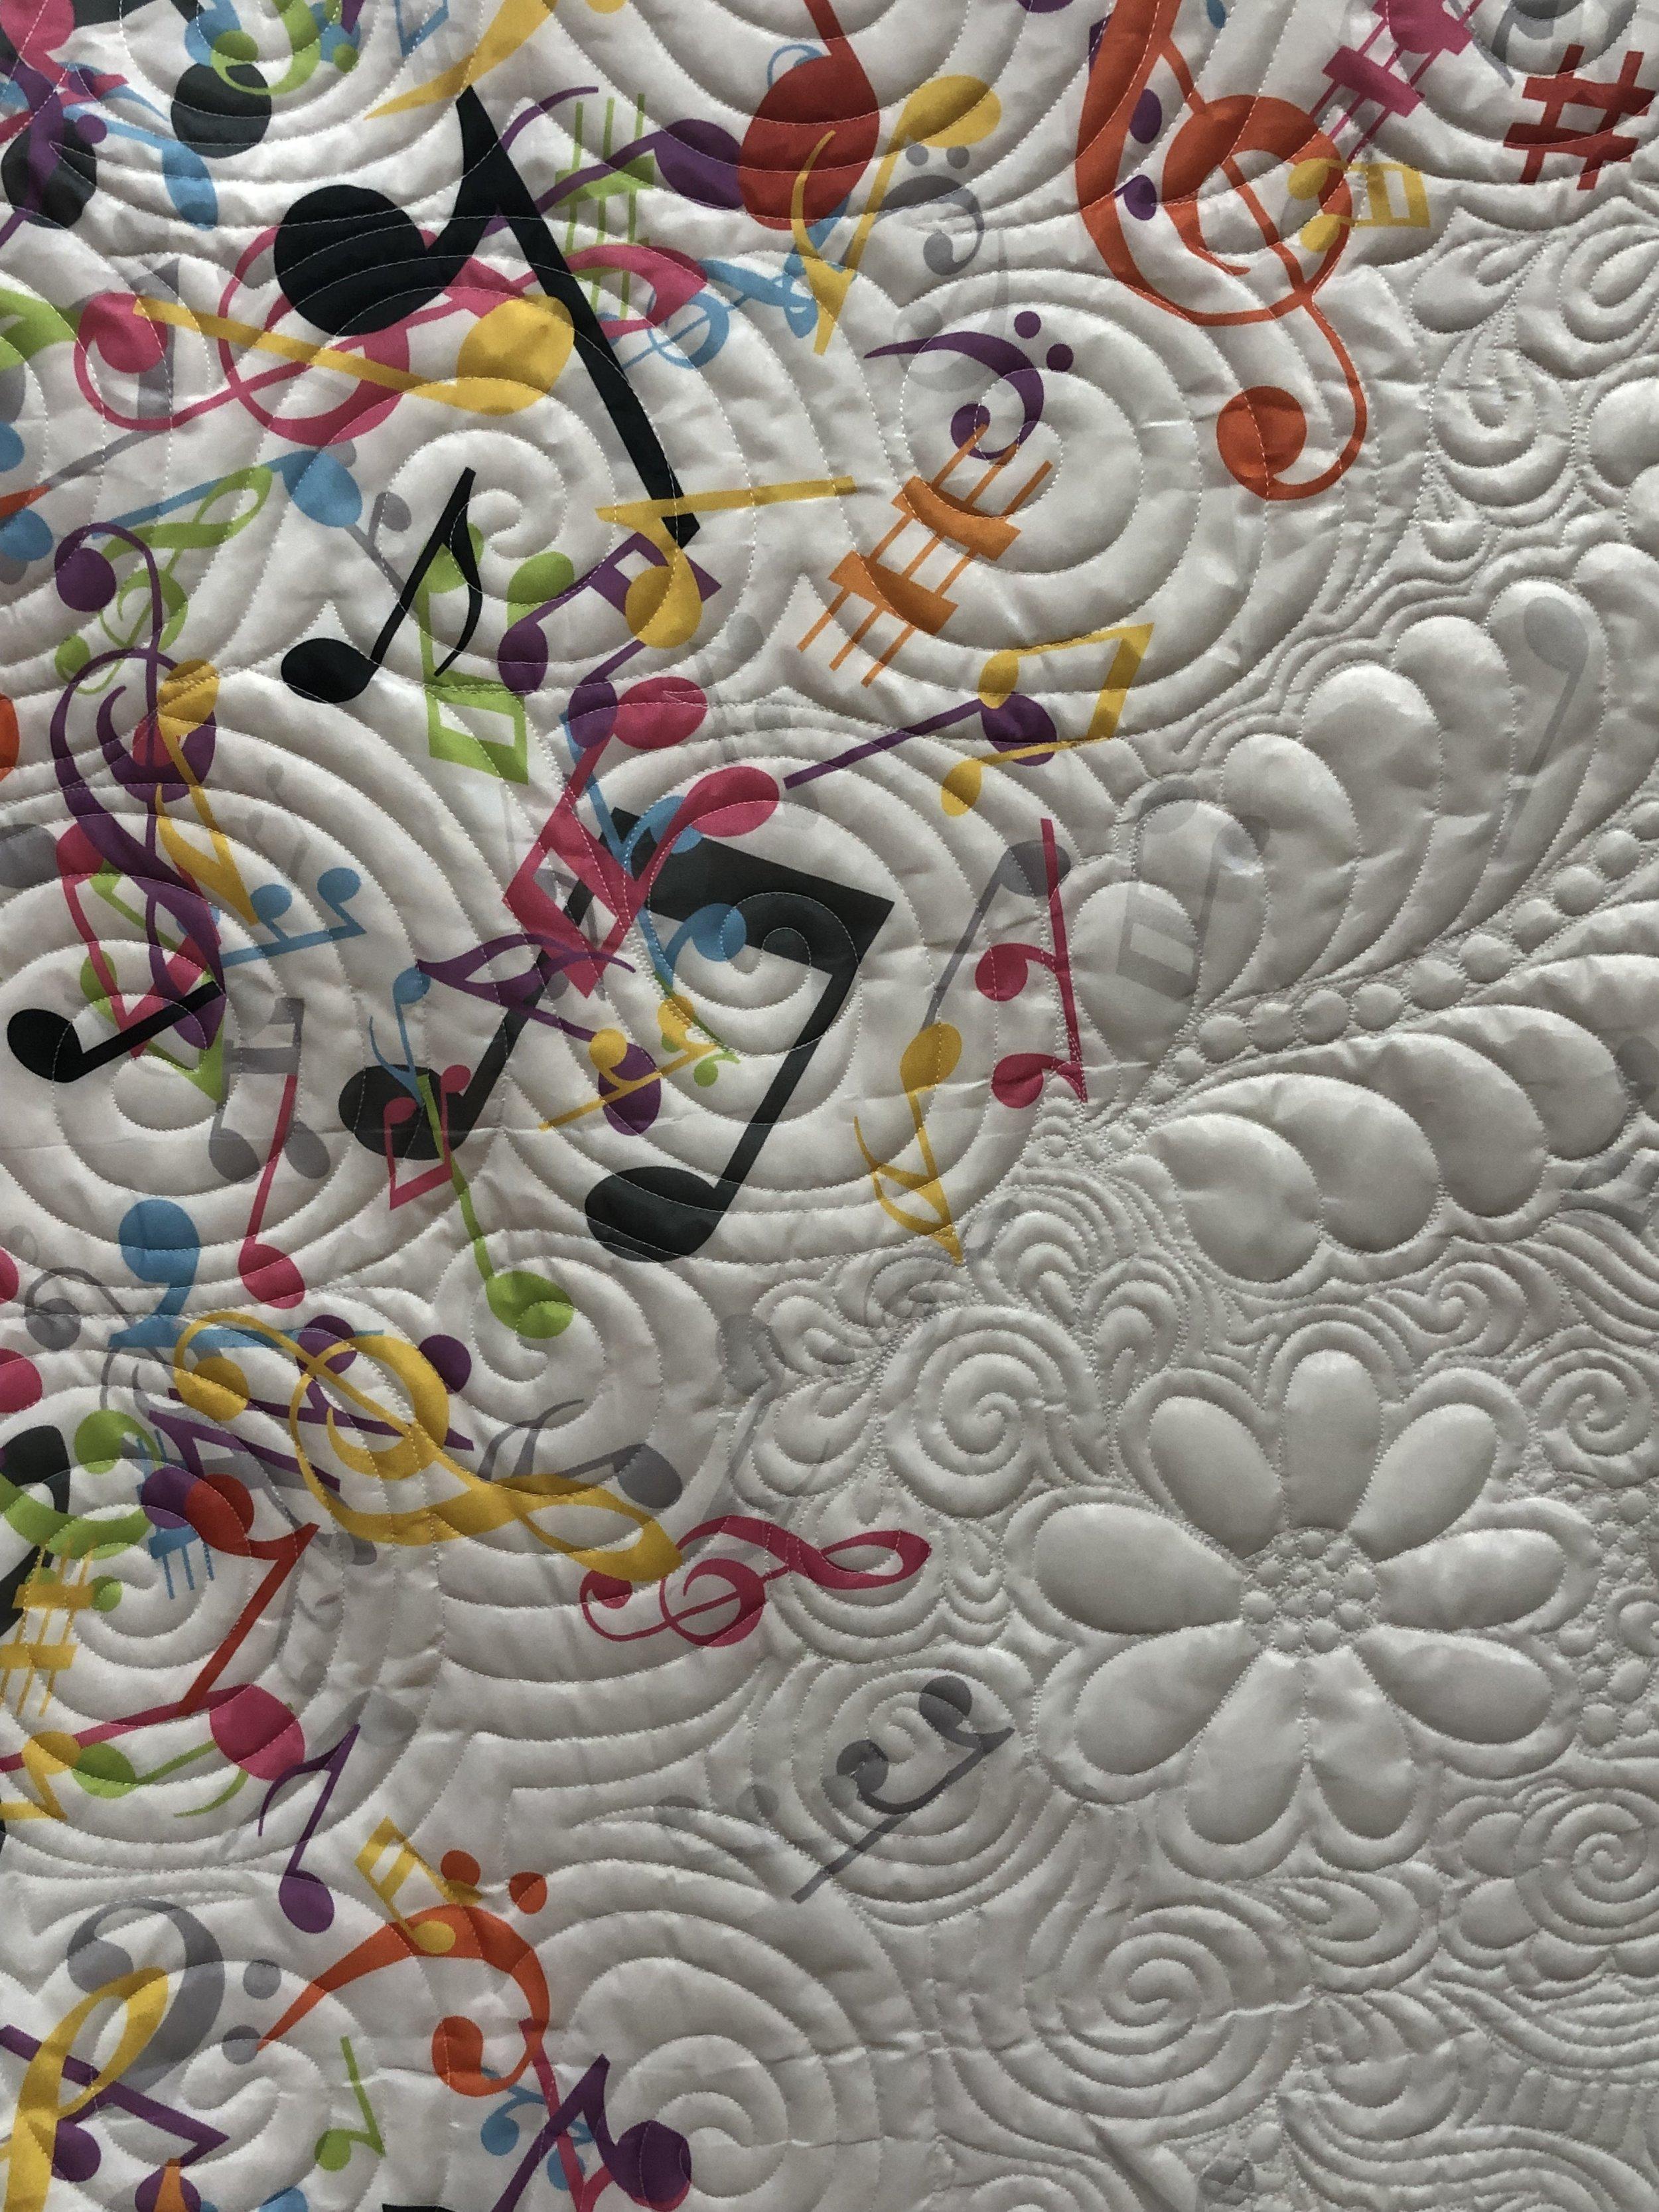 Stitching around music symbols